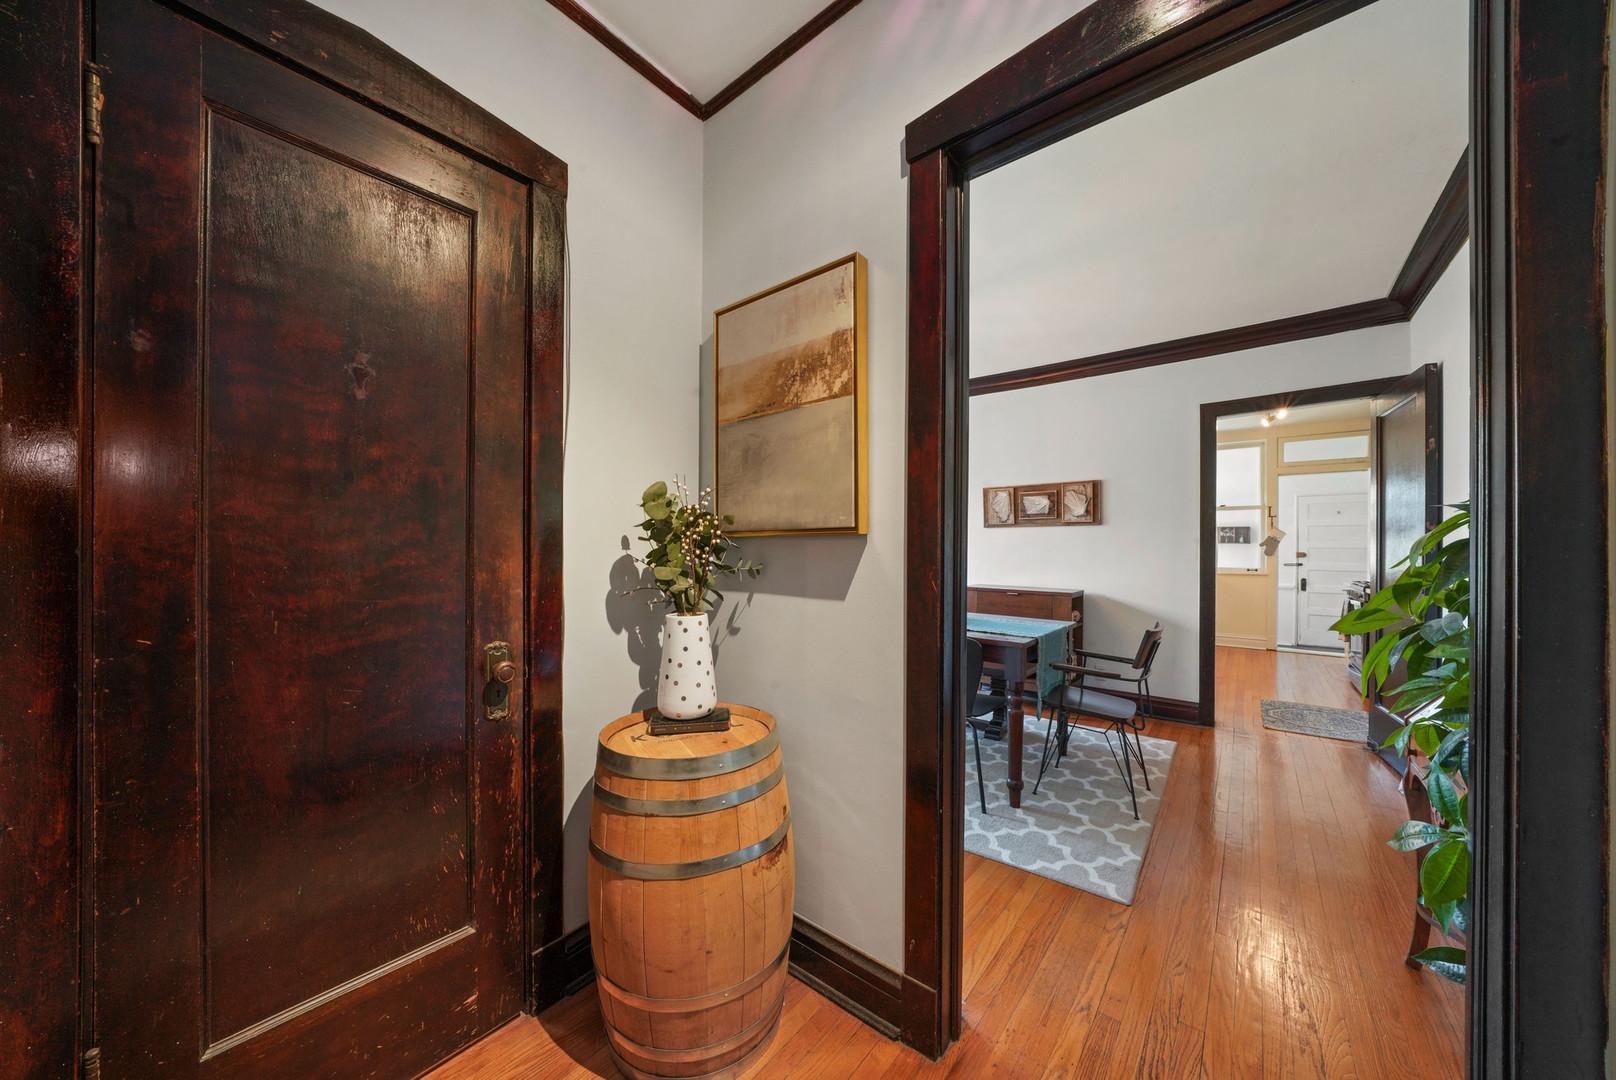 1432 W WINONA  Street, Unit 3W photo